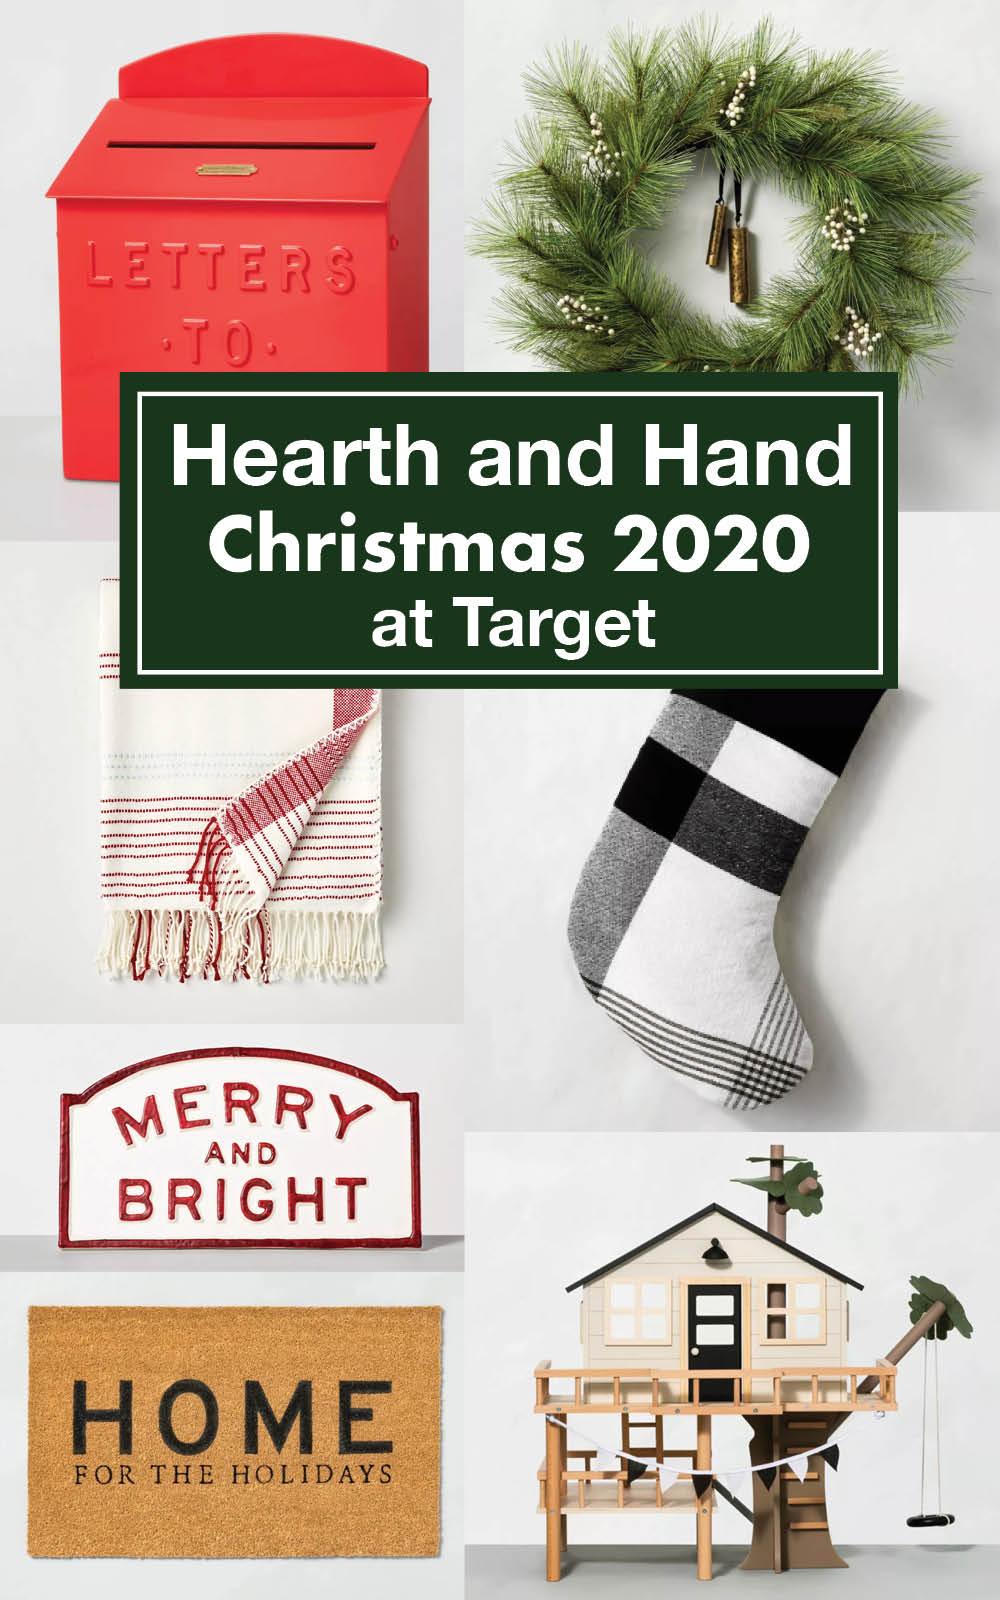 Hearth and Hand Christmas